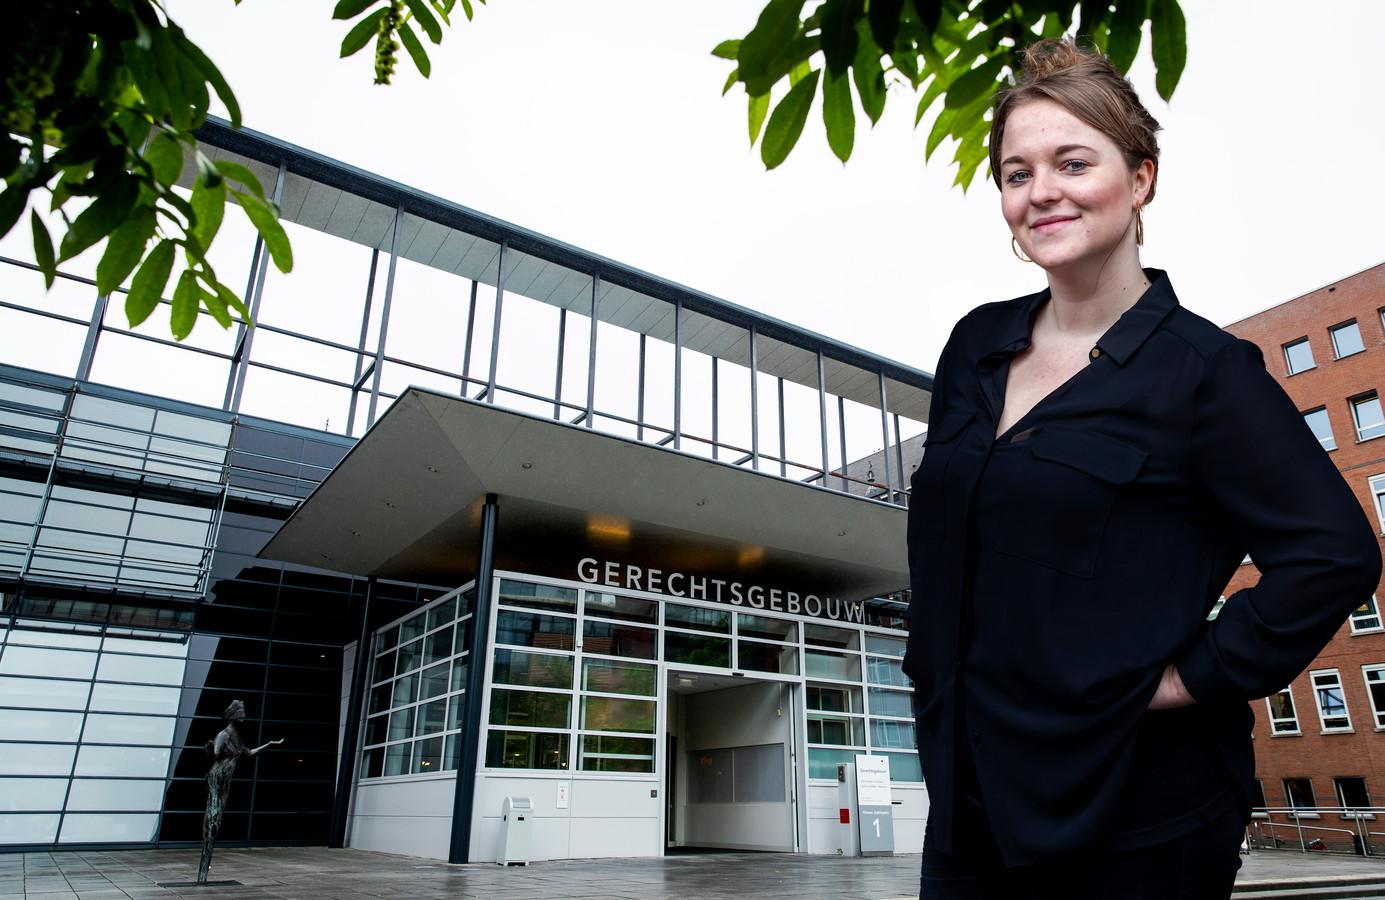 Emma Thies bezoekt wekelijks een zaak in de rechtbank